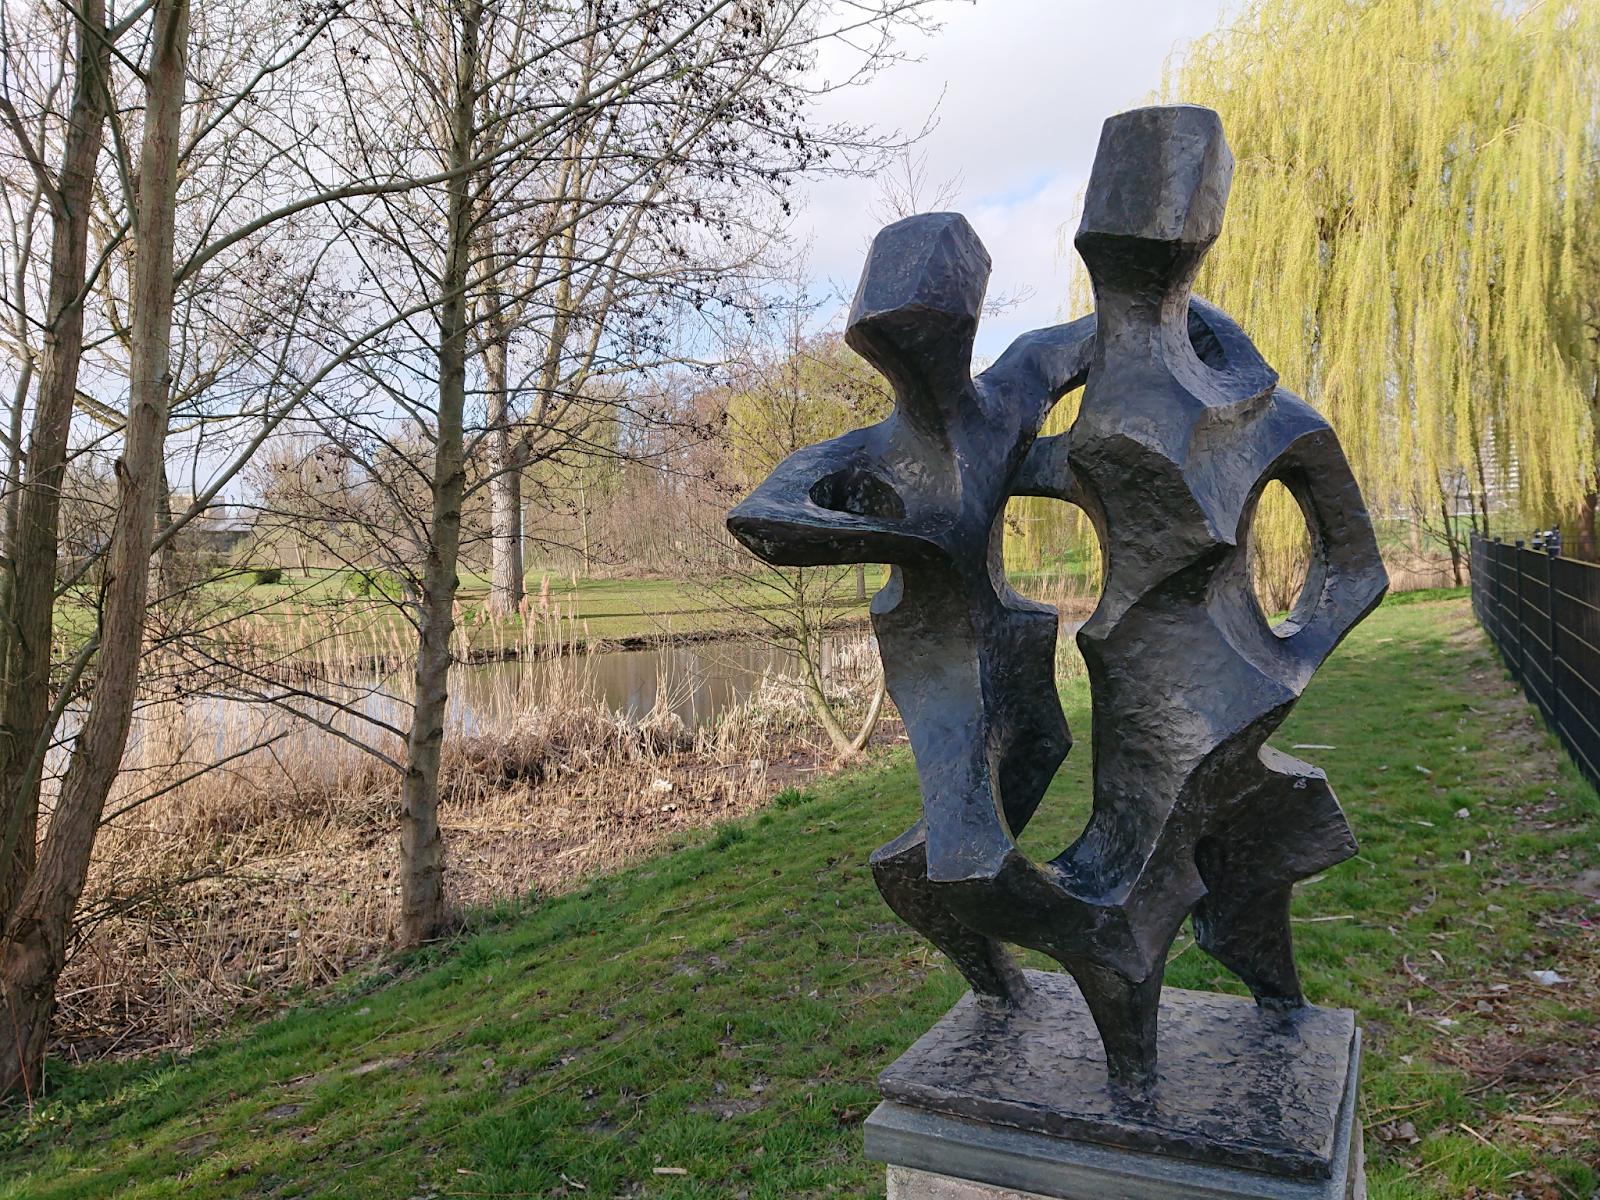 Beelden in Nederland: Echte vrienden